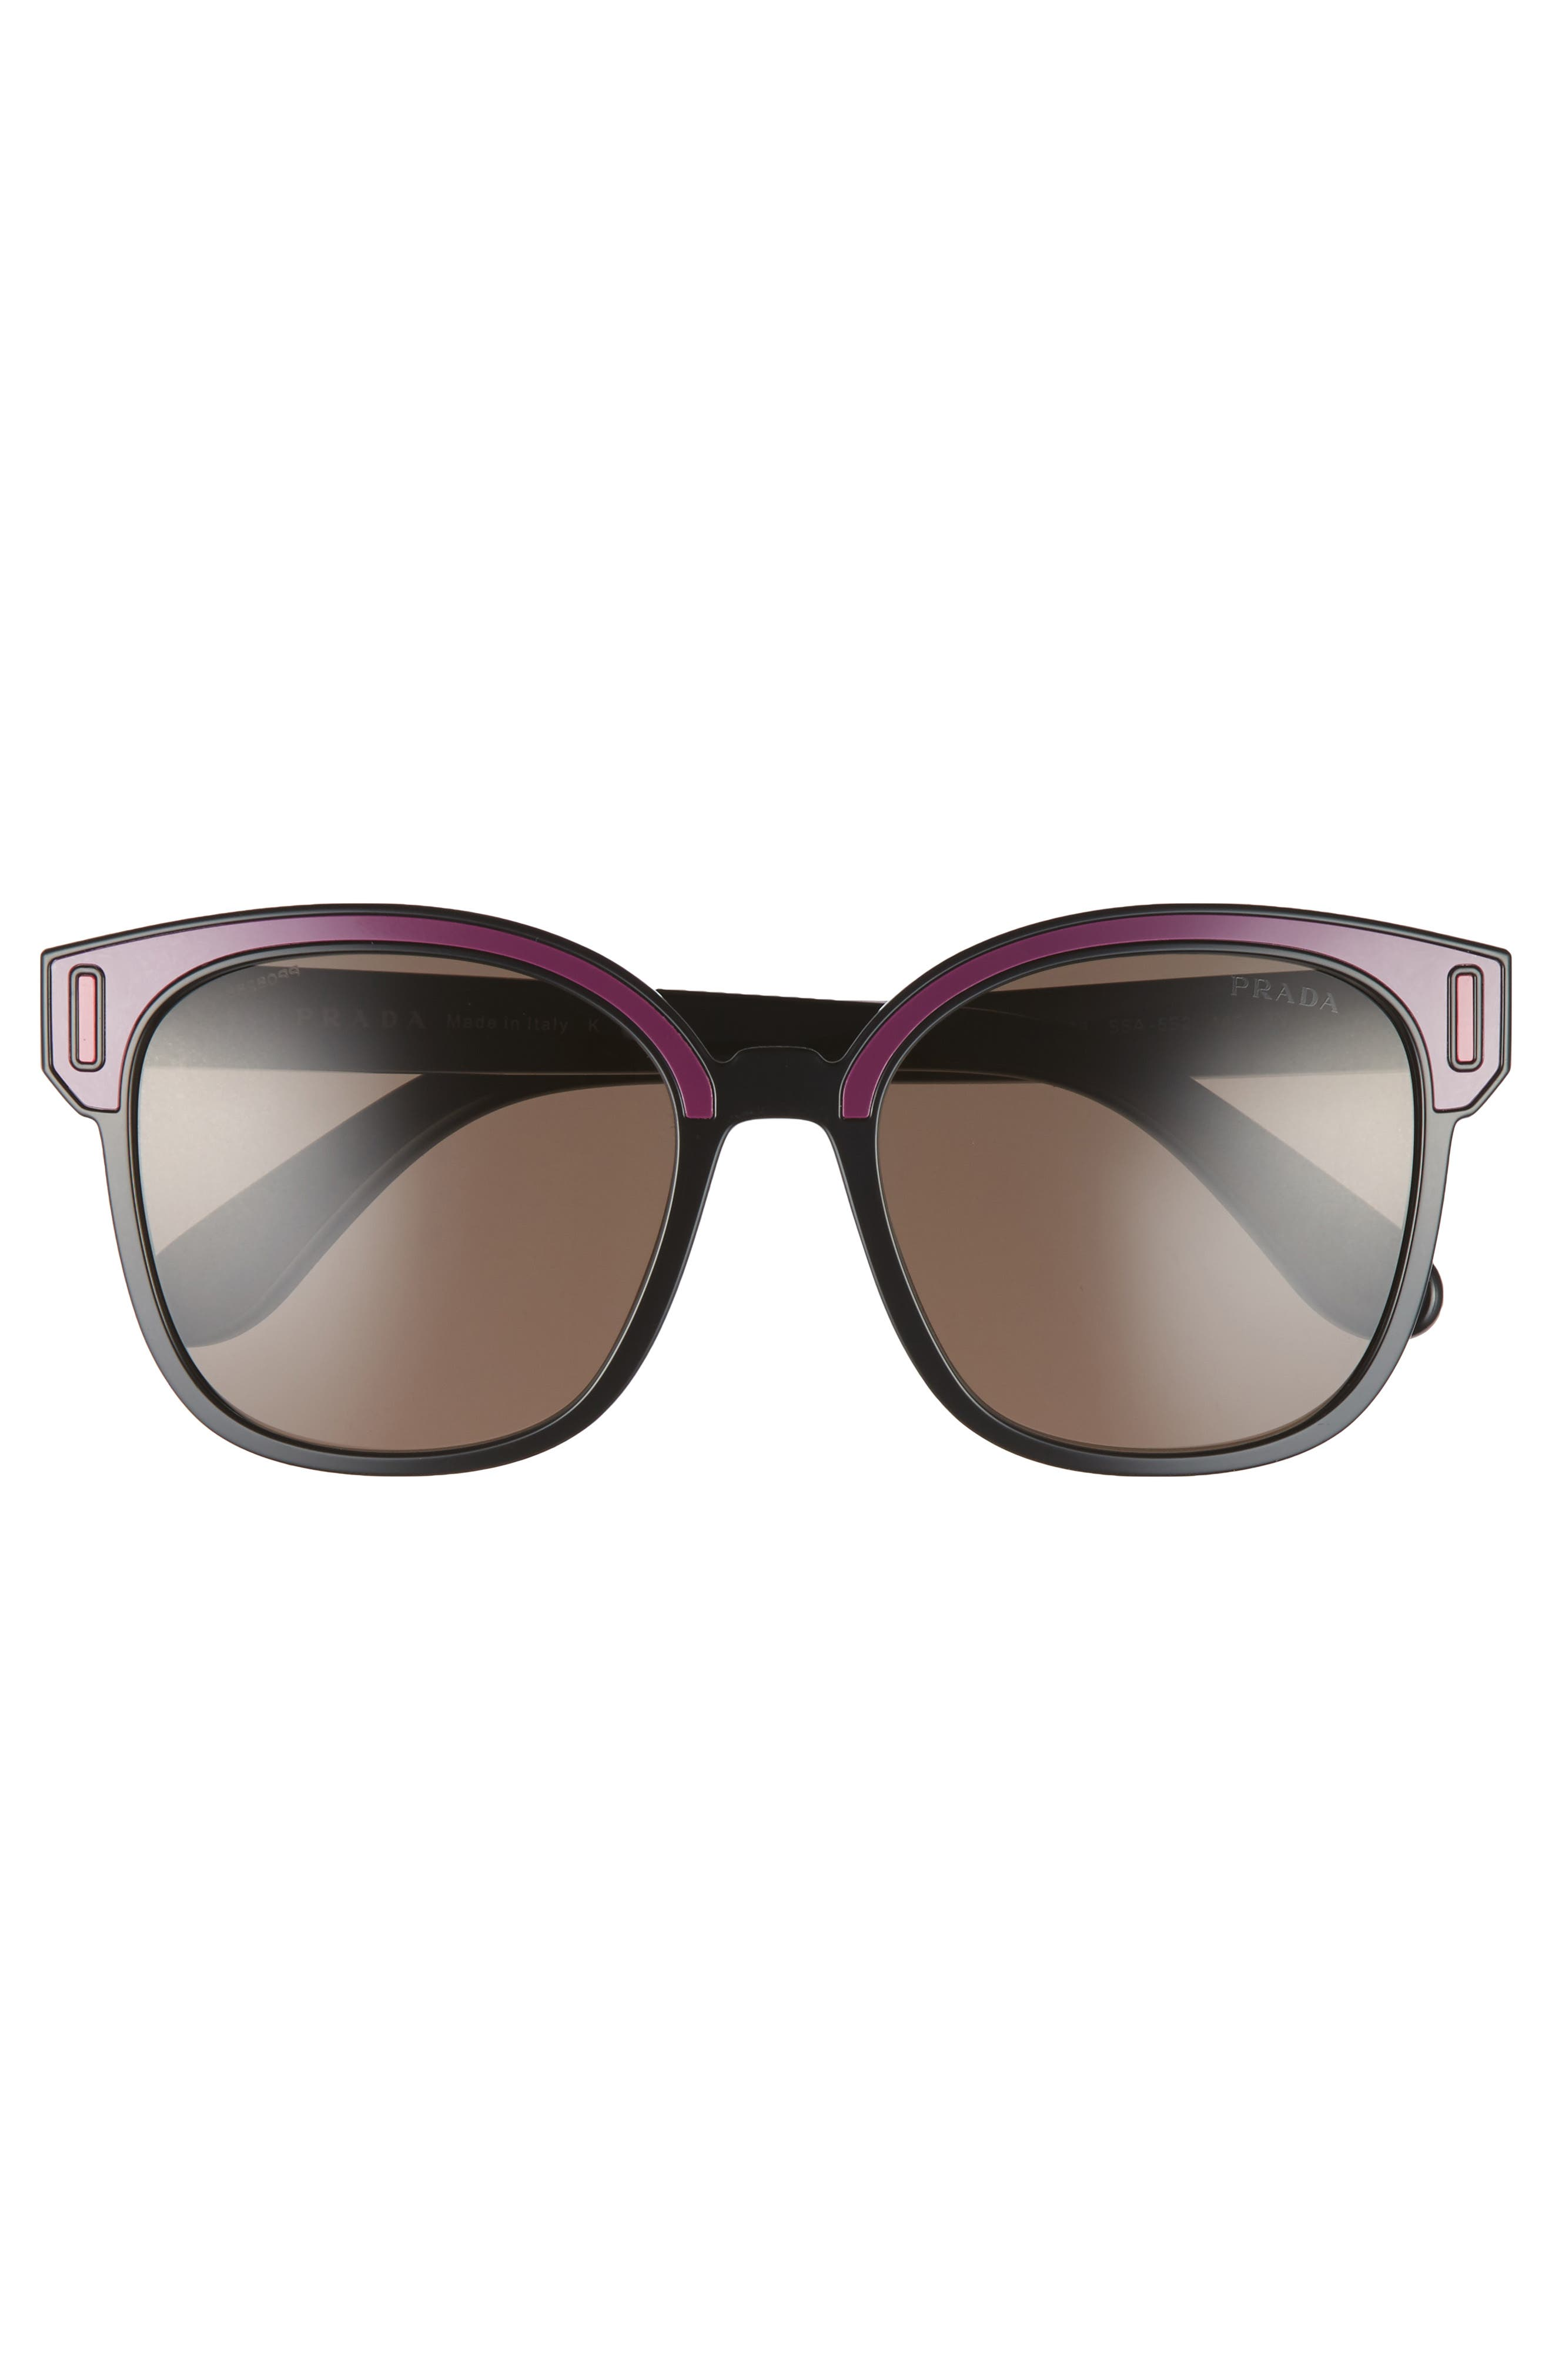 Alternate Image 3  - Prada 53mm Colorblock Square Sunglasses